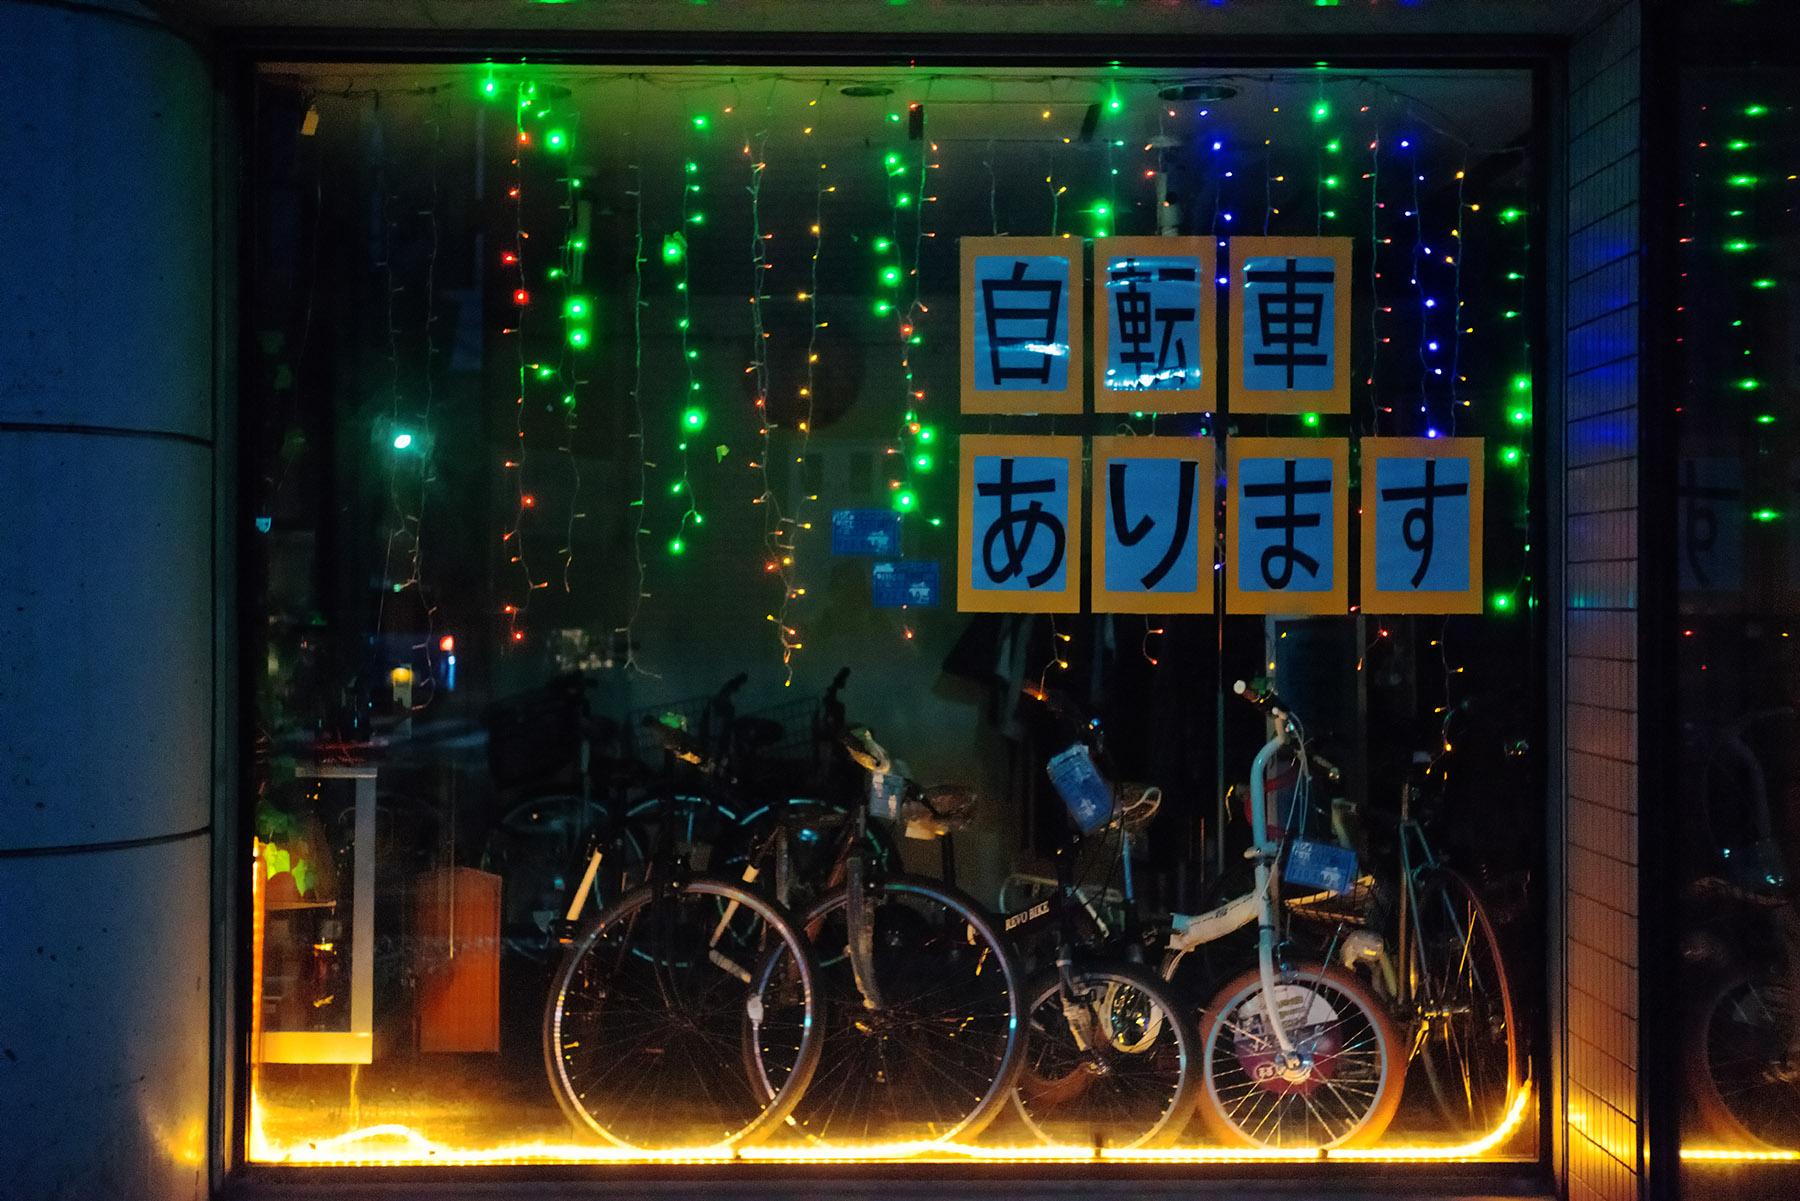 自転車あります_c0028861_22245896.jpg